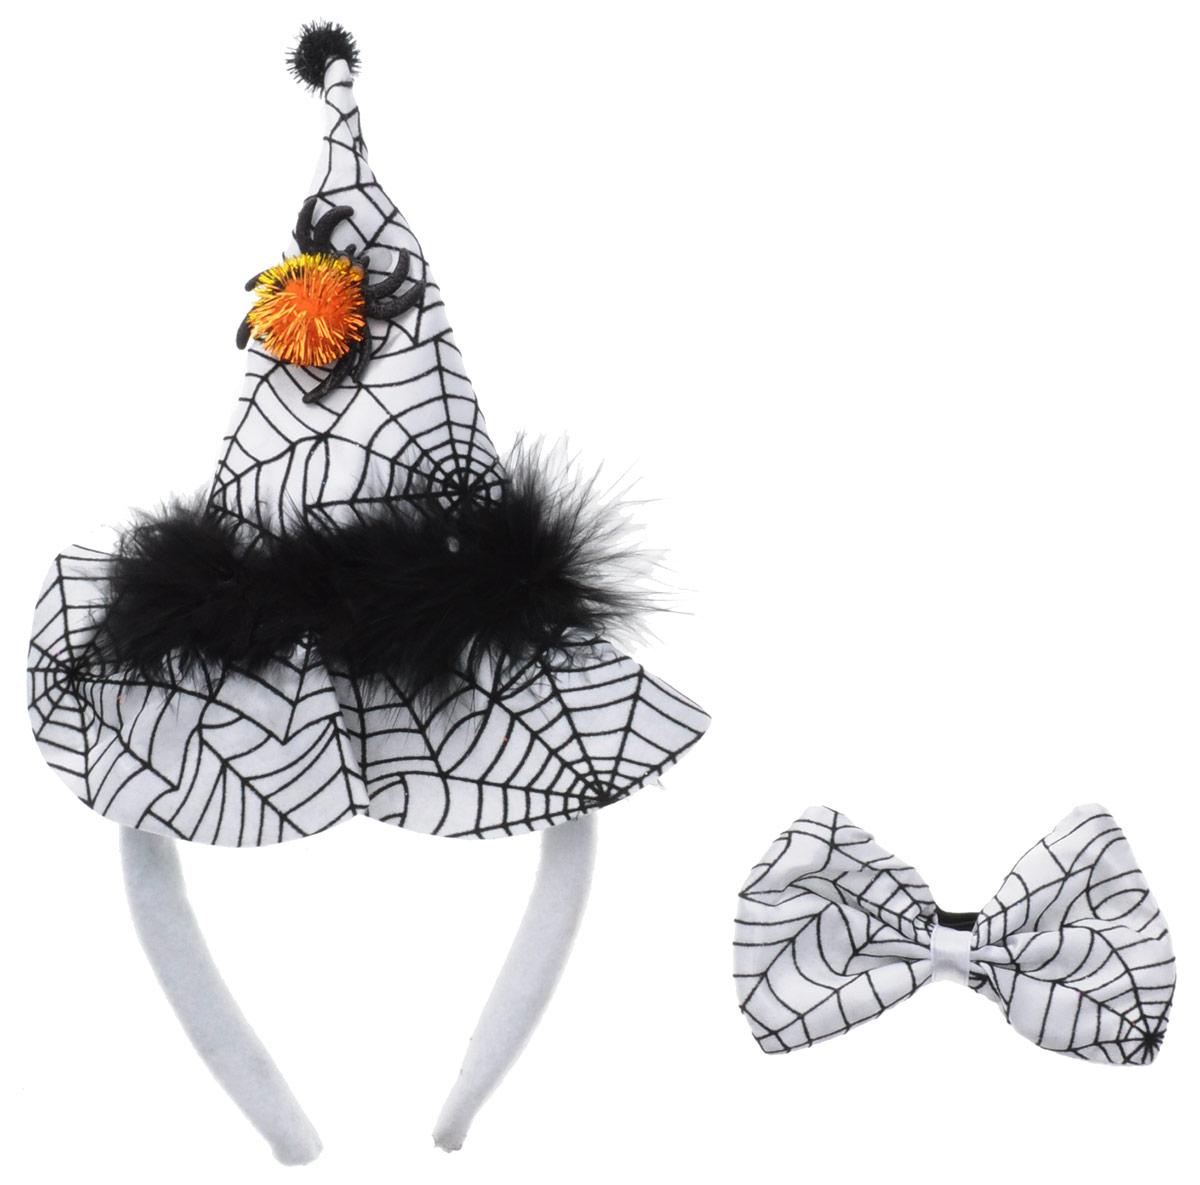 Partymania Ободок Шляпа Ведьмочки с бабочкой цвет белый черный, Eafa Novelty Company, LTD